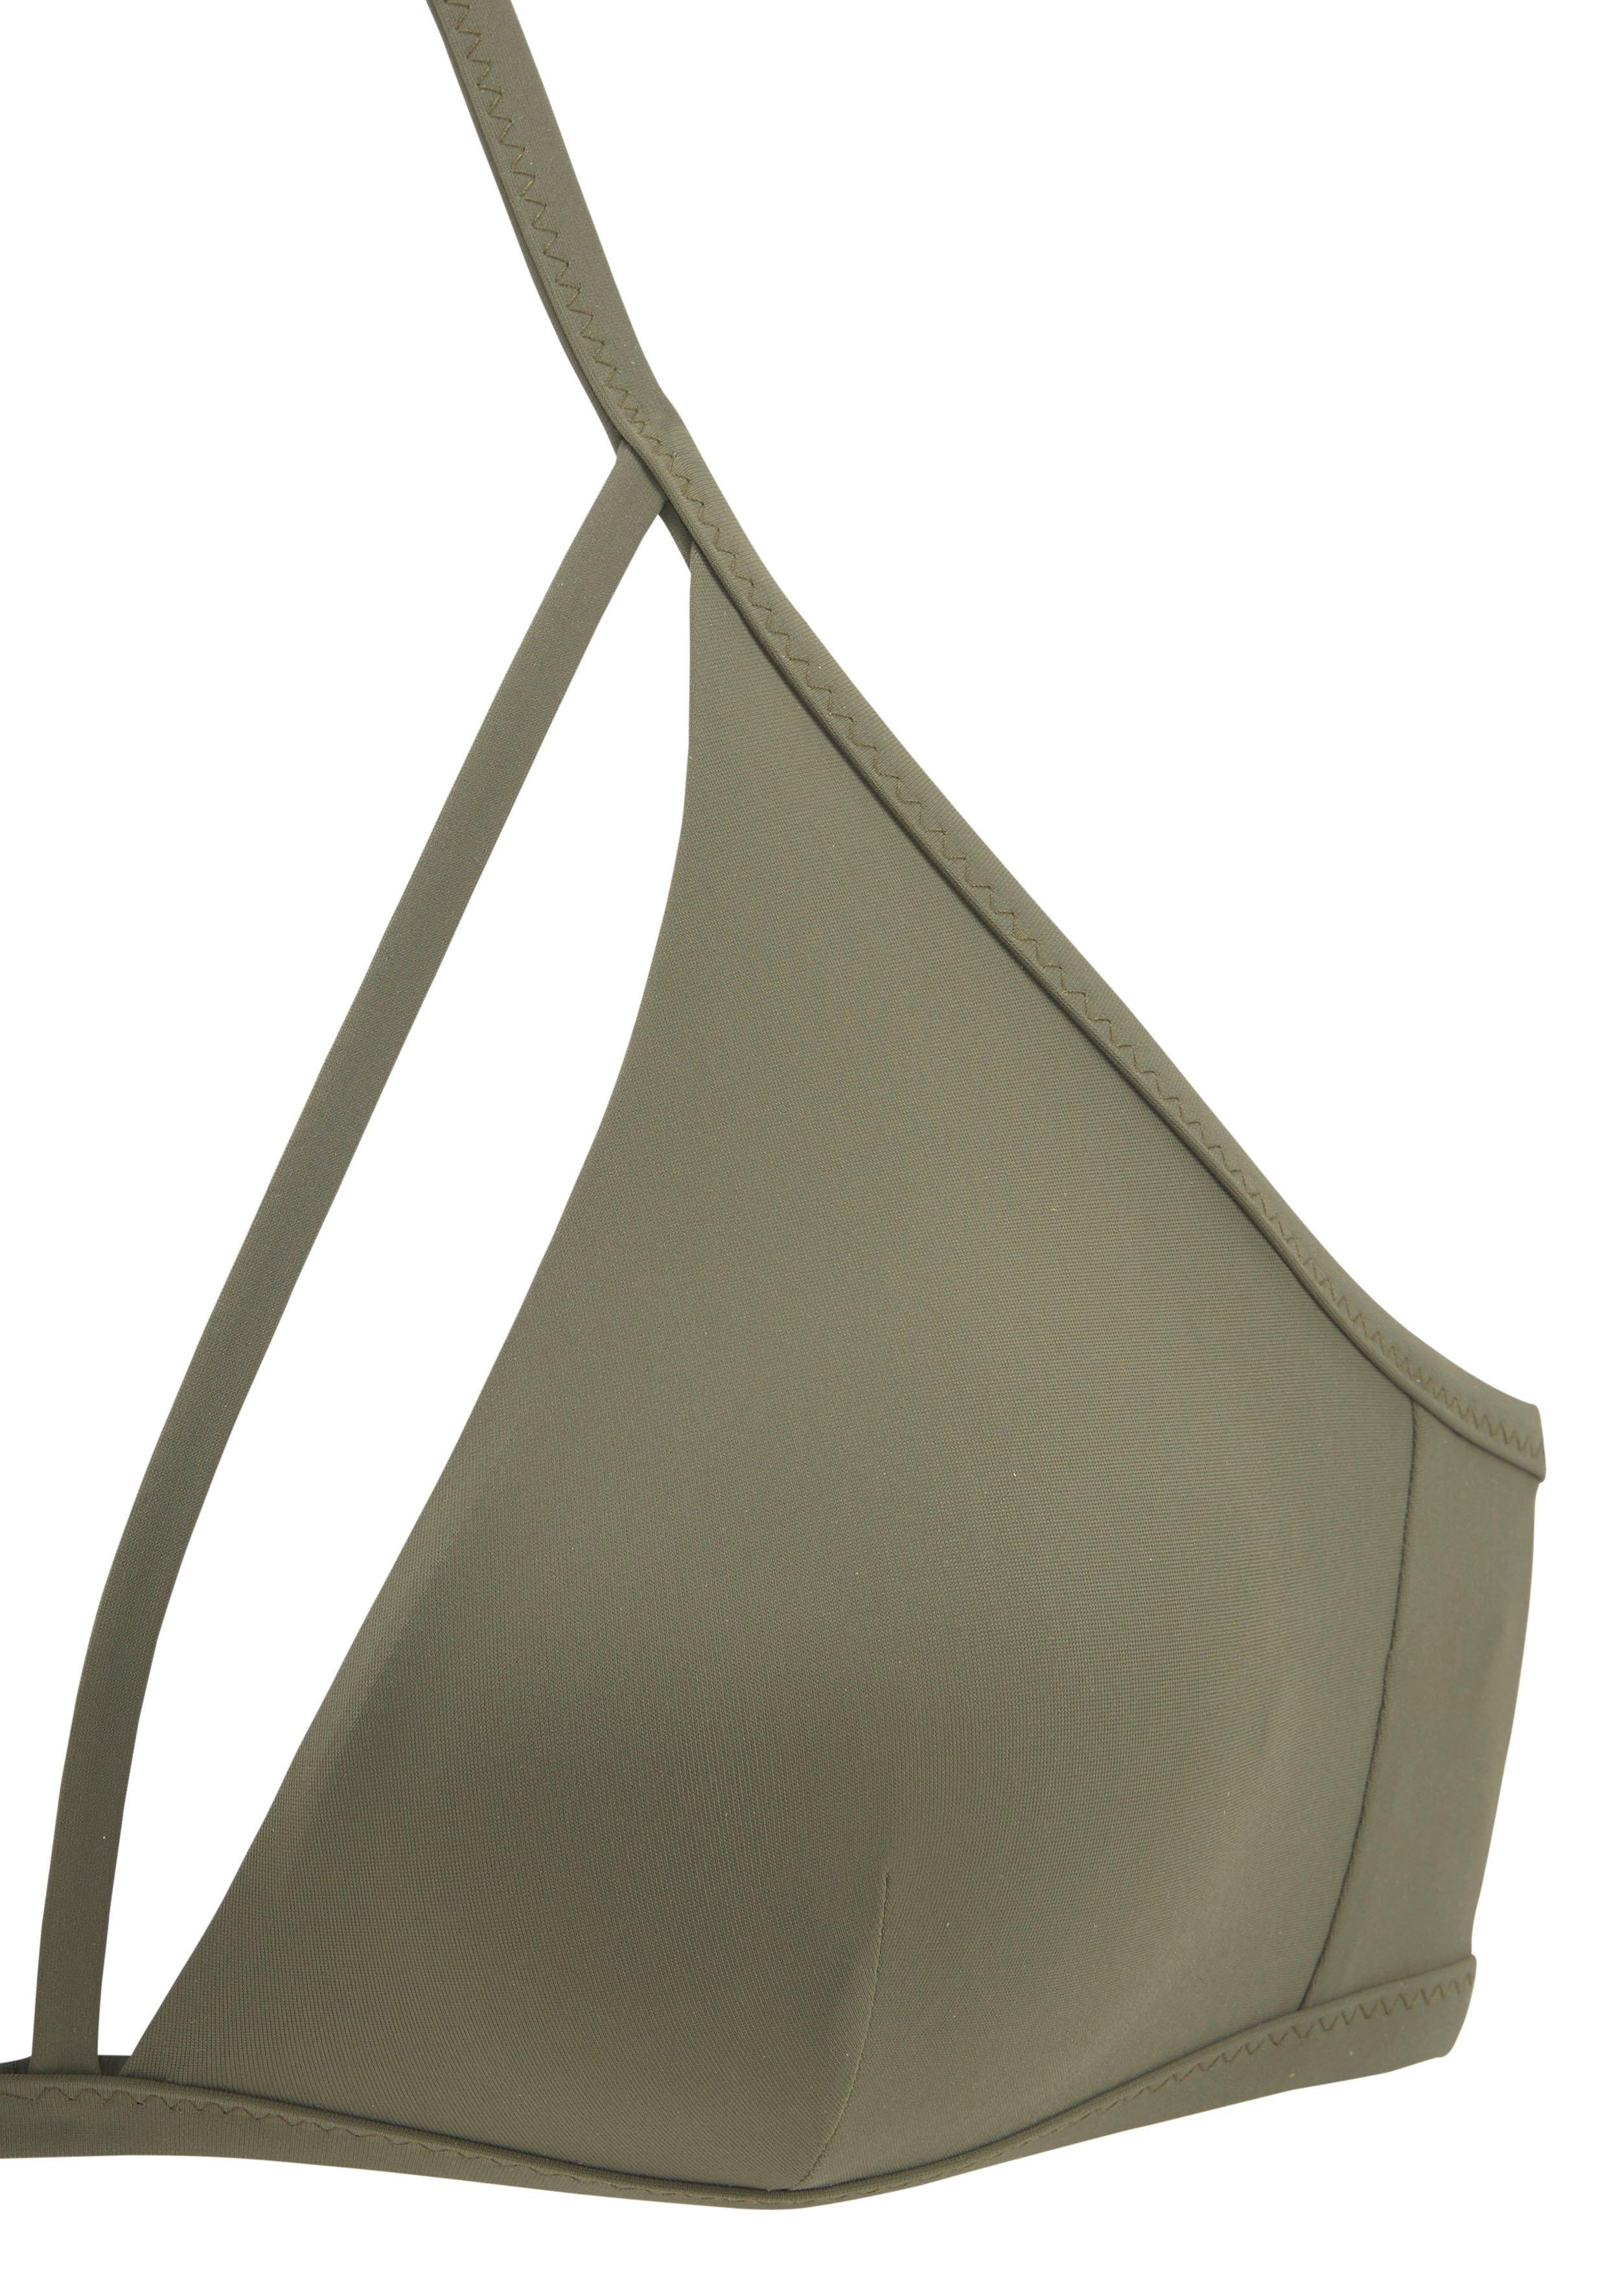 Lascana triangel-bikinitop »Scarlett« bestellen: 30 dagen bedenktijd